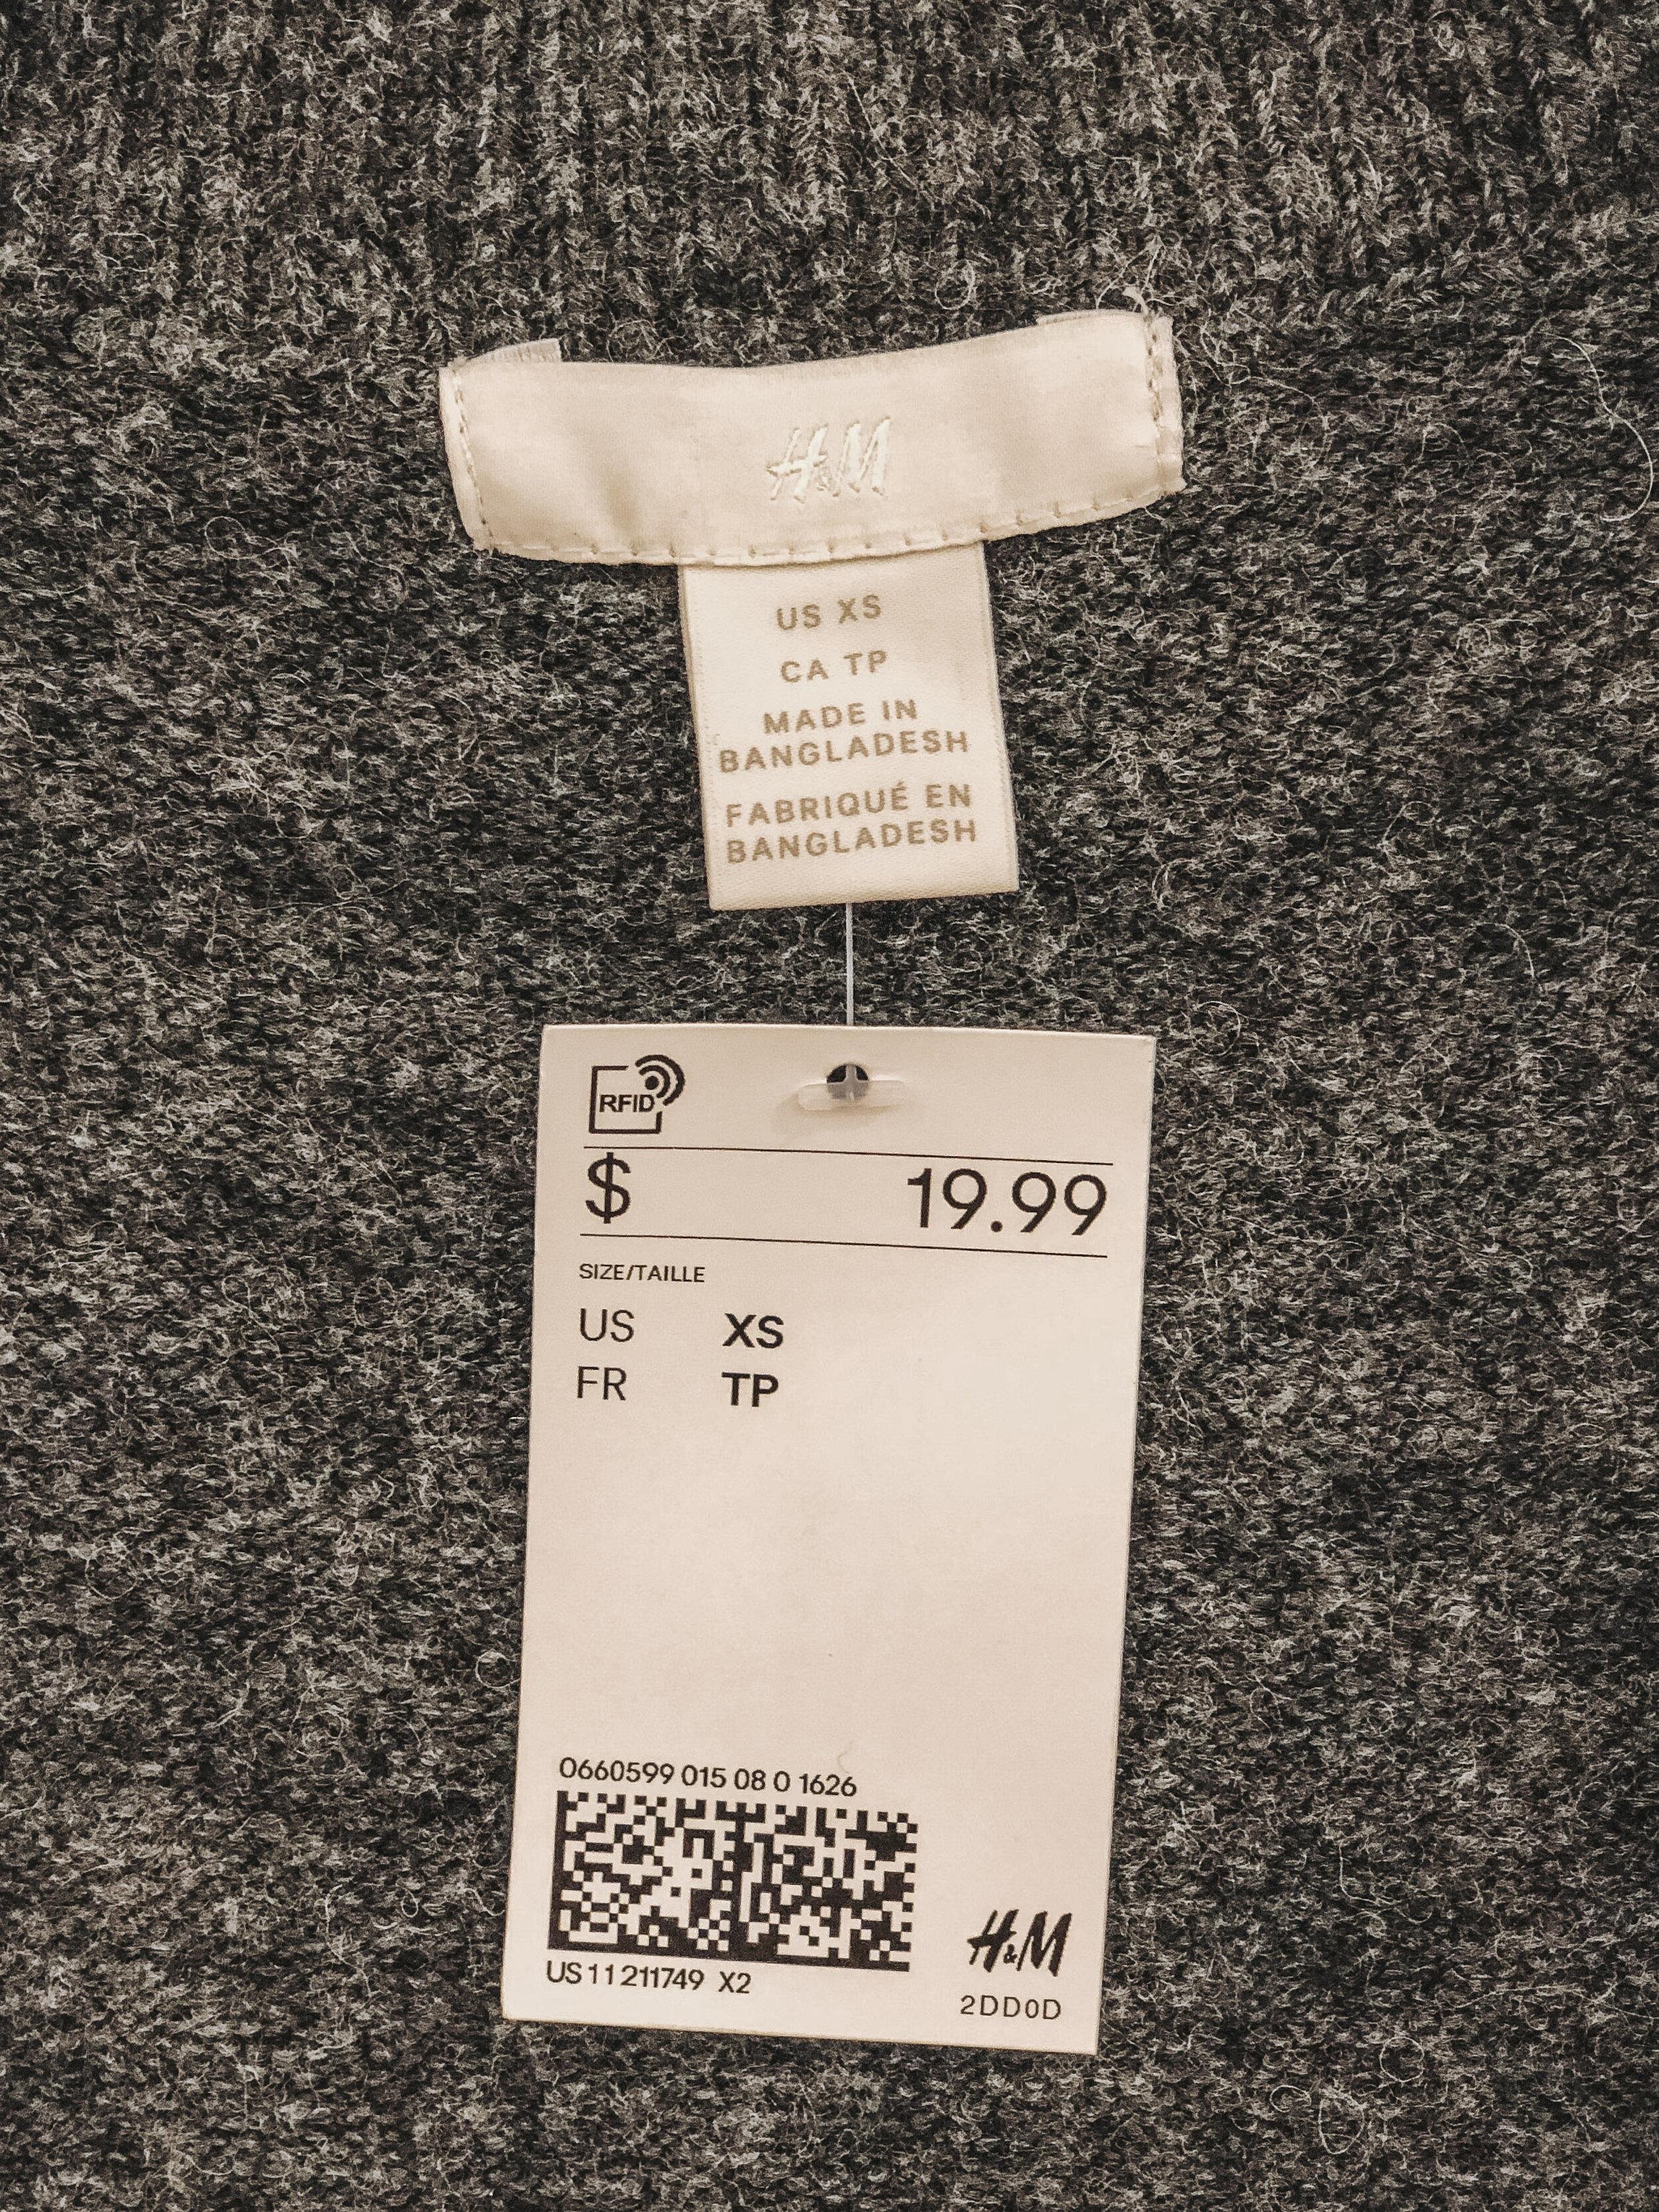 H&M Fast Fashion Sweater | Cedar + Surf